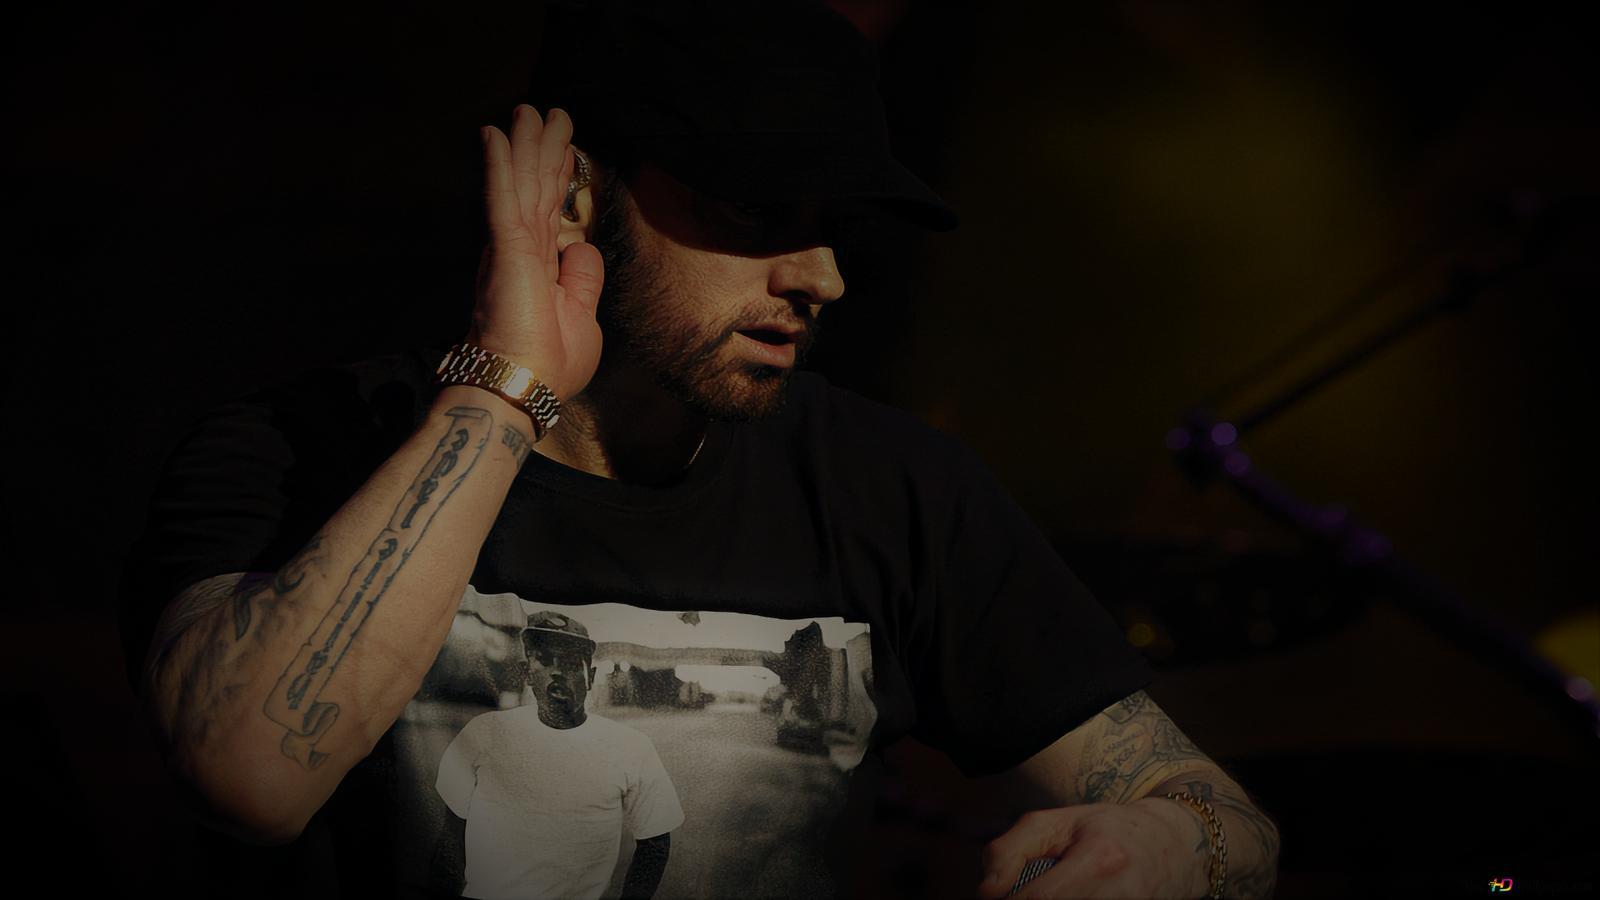 Descargar Fondo De Pantalla Eminem Coachella 2018 En Vivo Hd Hd